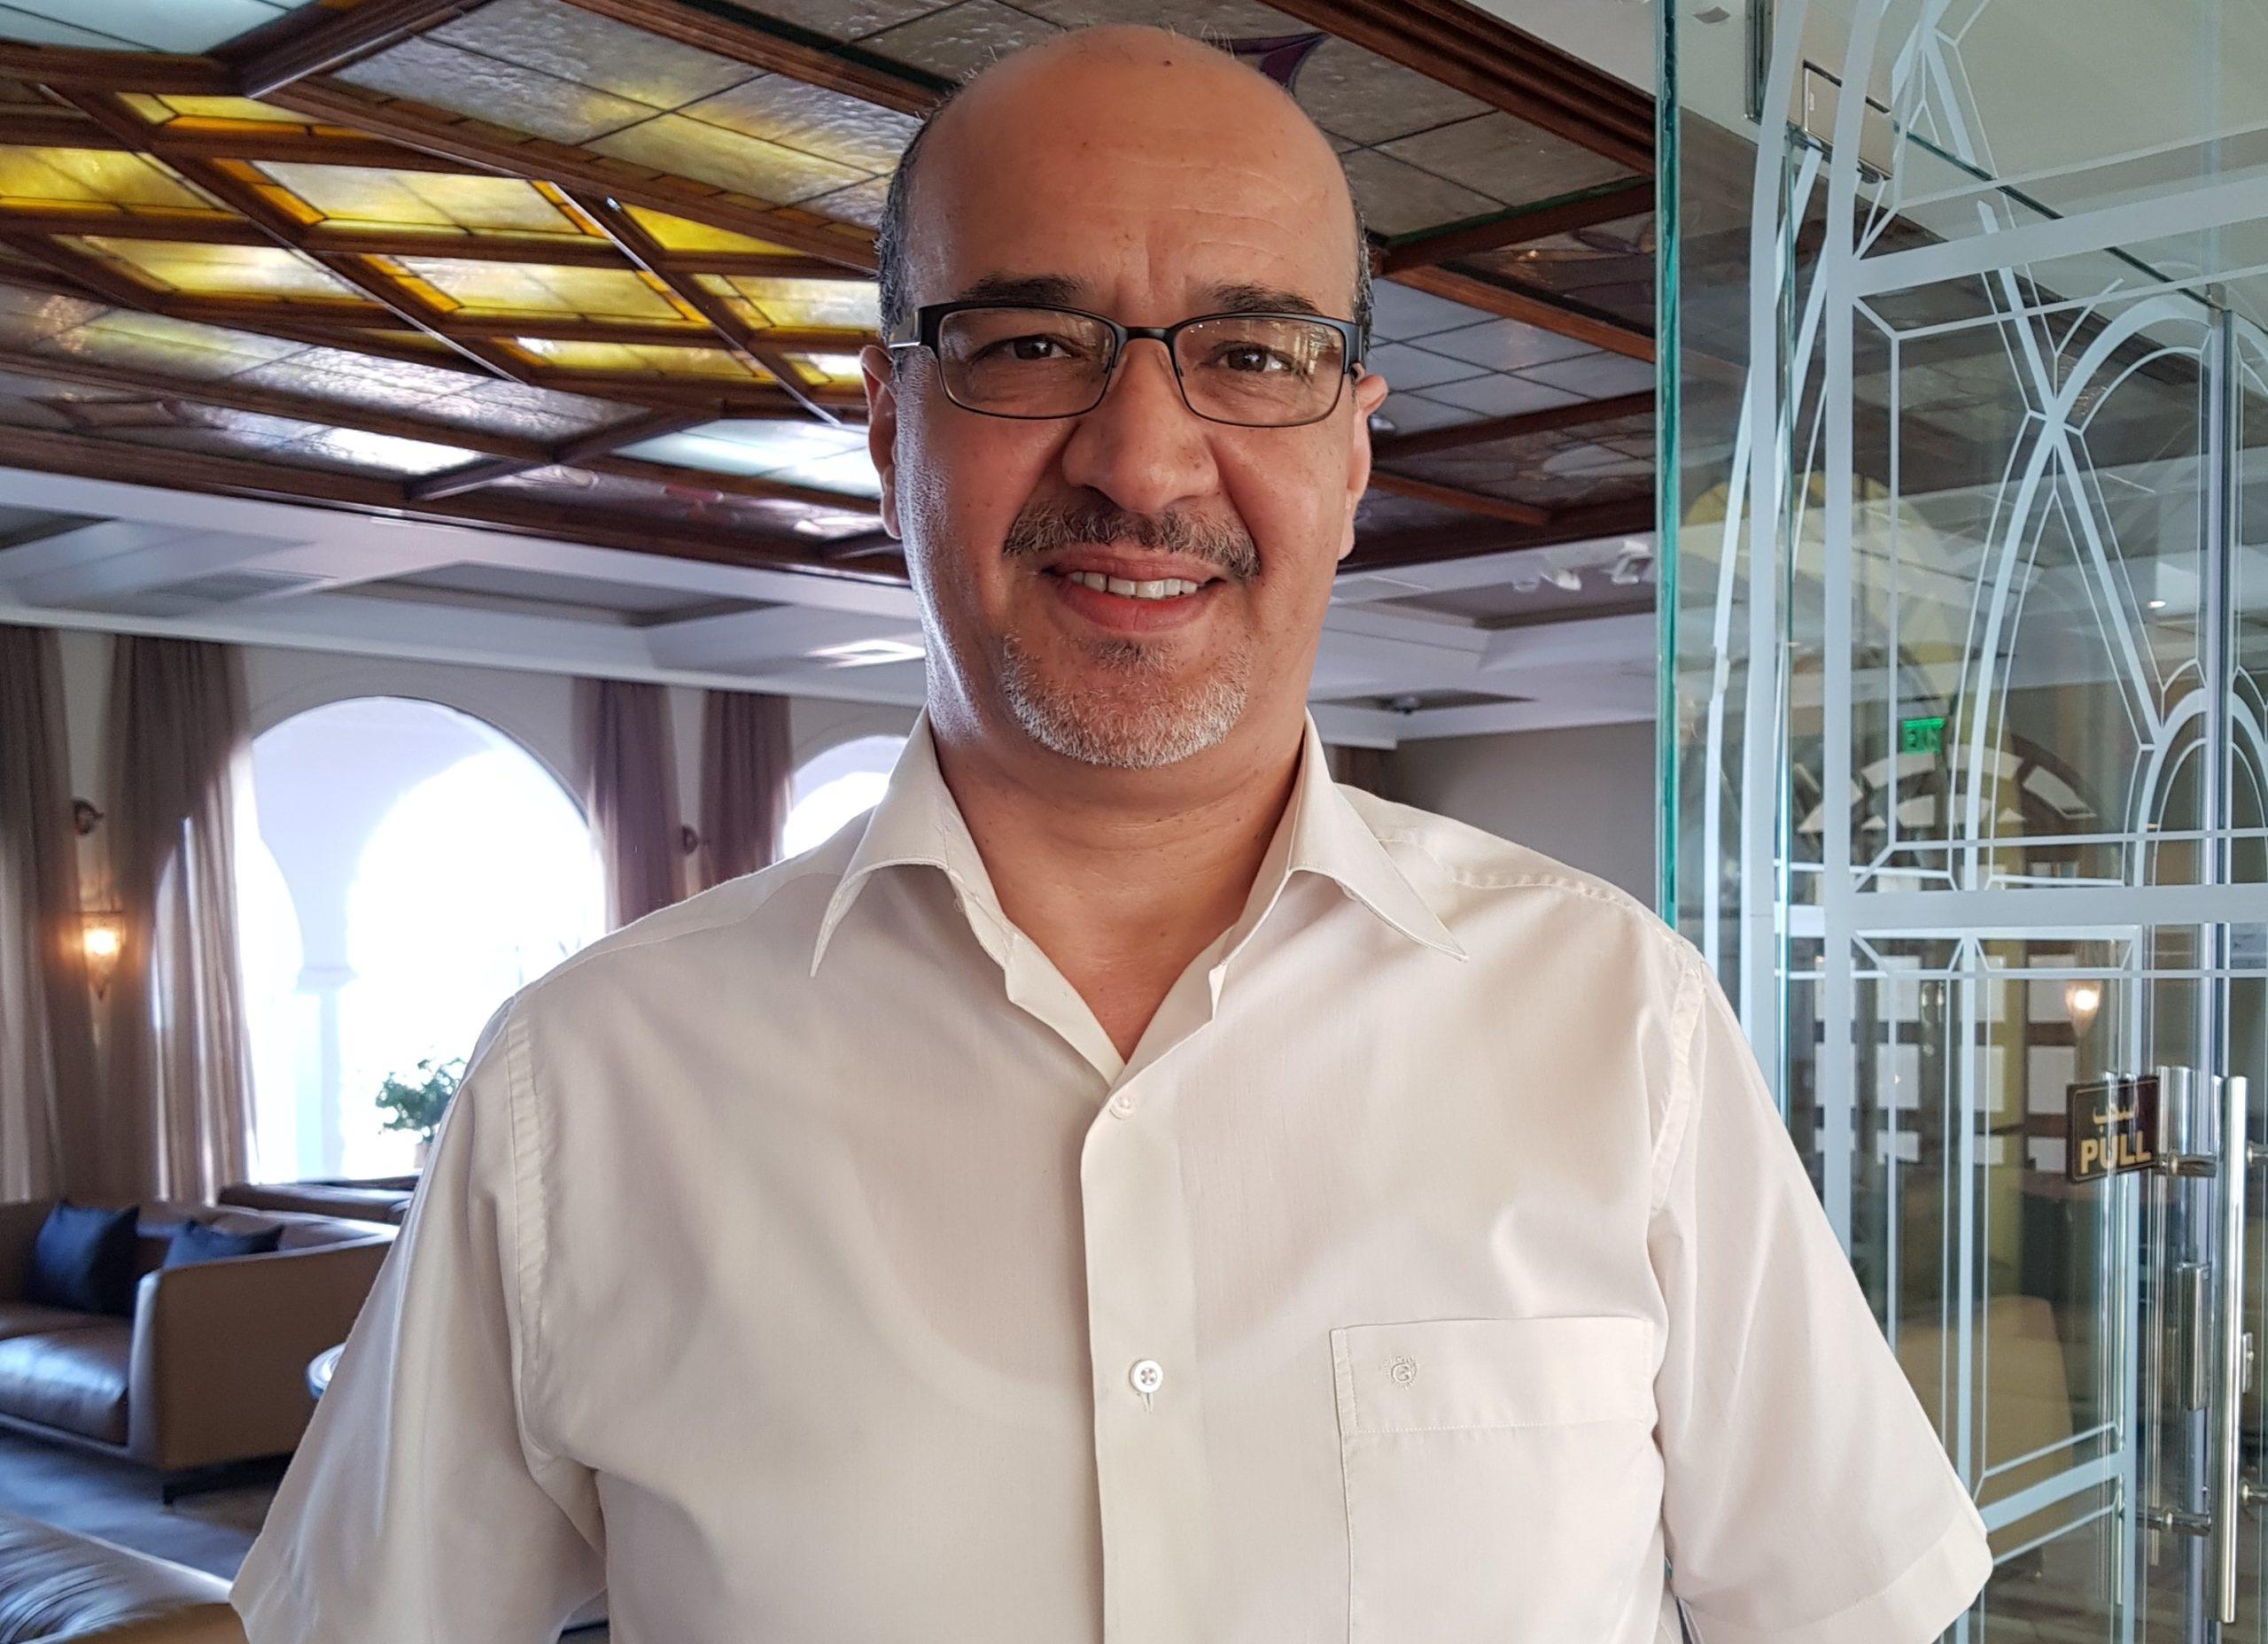 الدكتور كريم الماجري، الباحث الأول بمركز الجزيرة للحريات العامة وحقوق الانسان-(الجزيرة)